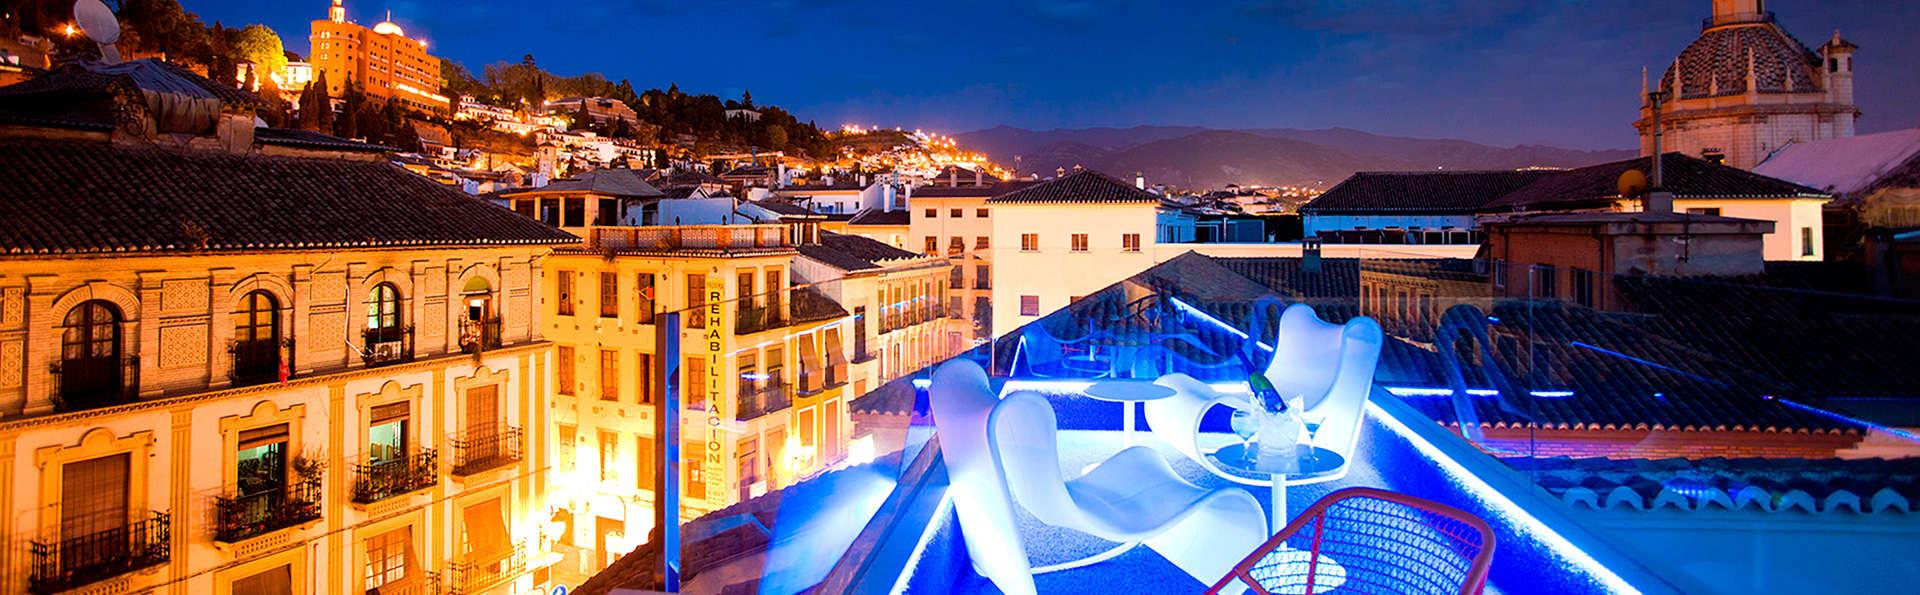 Escapade au centre de Grenade : luxe, design, terrasse luxueuse et accès au spa